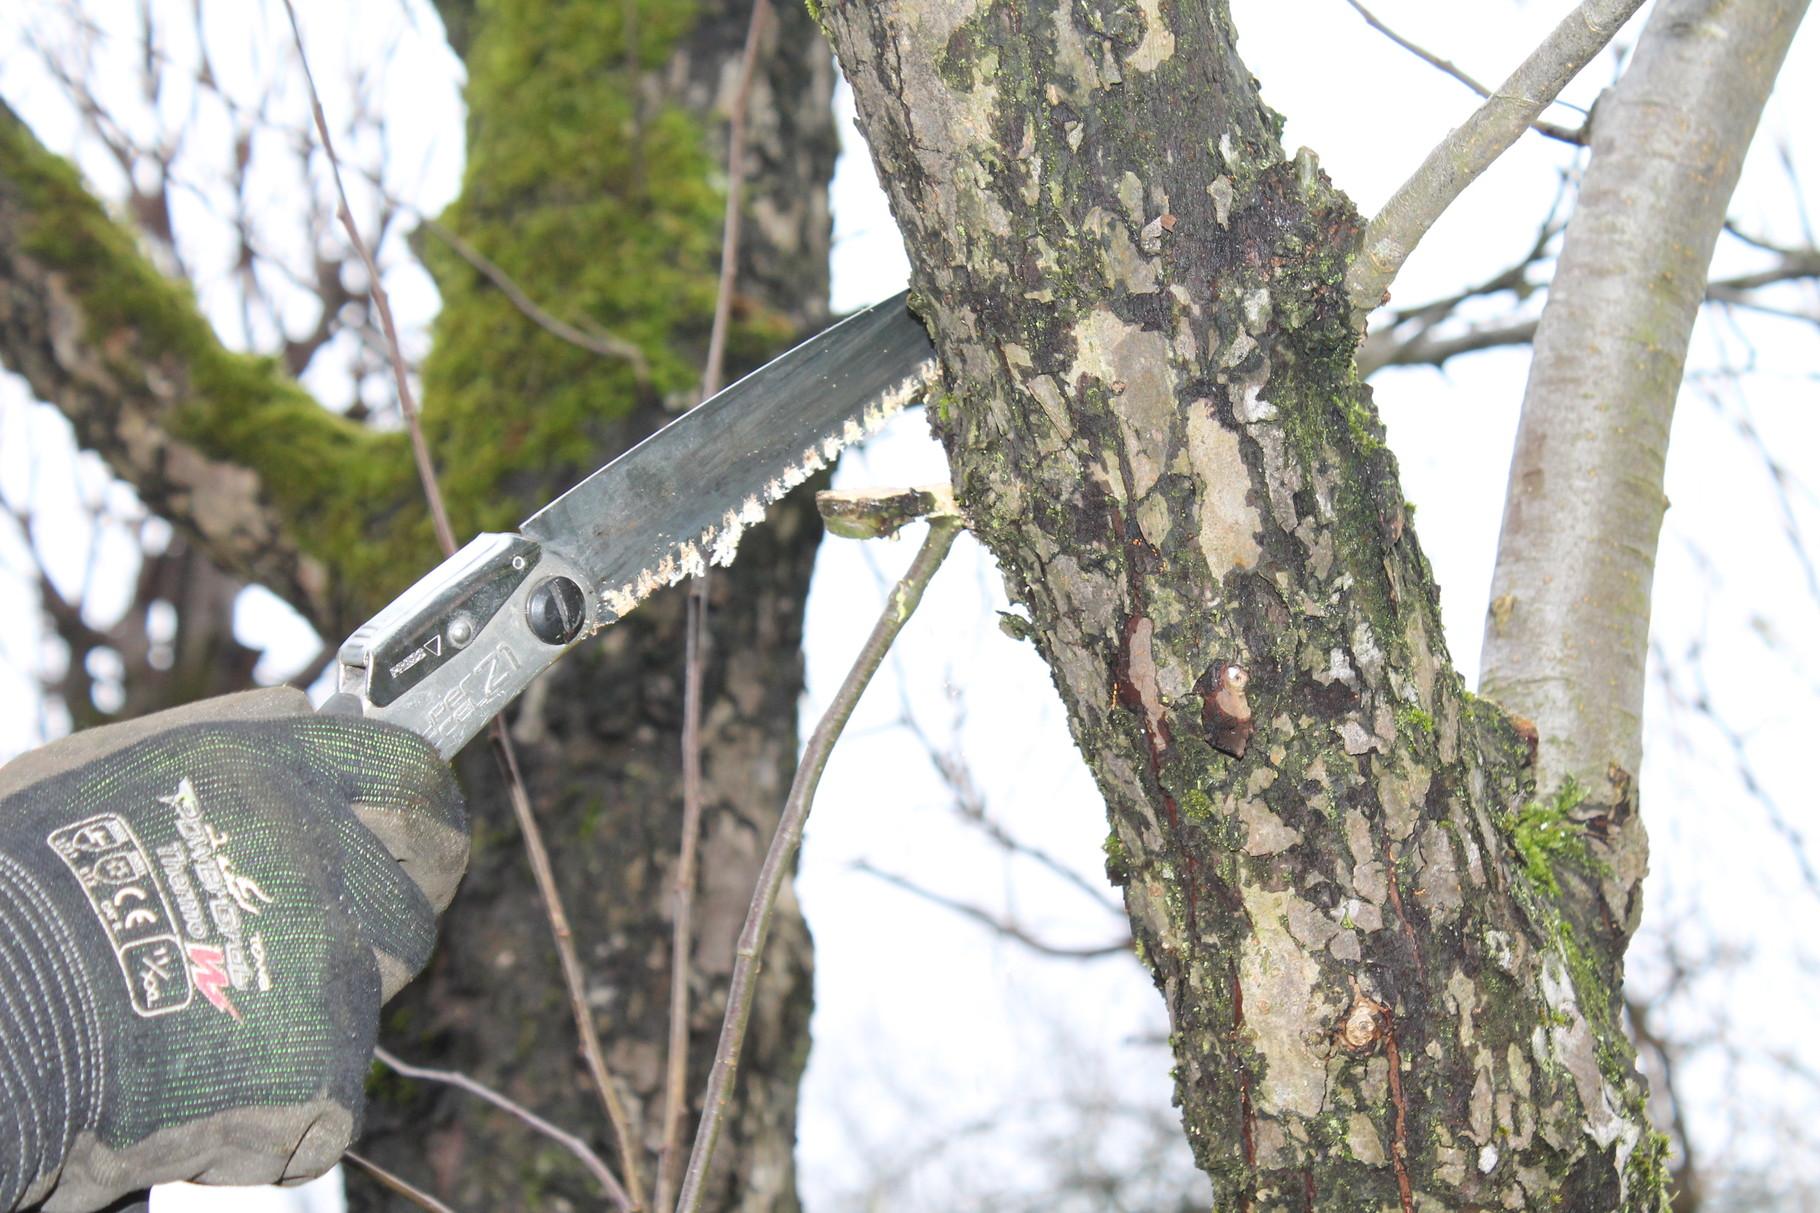 Die Silky Klappsäge hat ein sehr flexibles Sägeblatt. Die Säge nur ziehen, nie drücken!